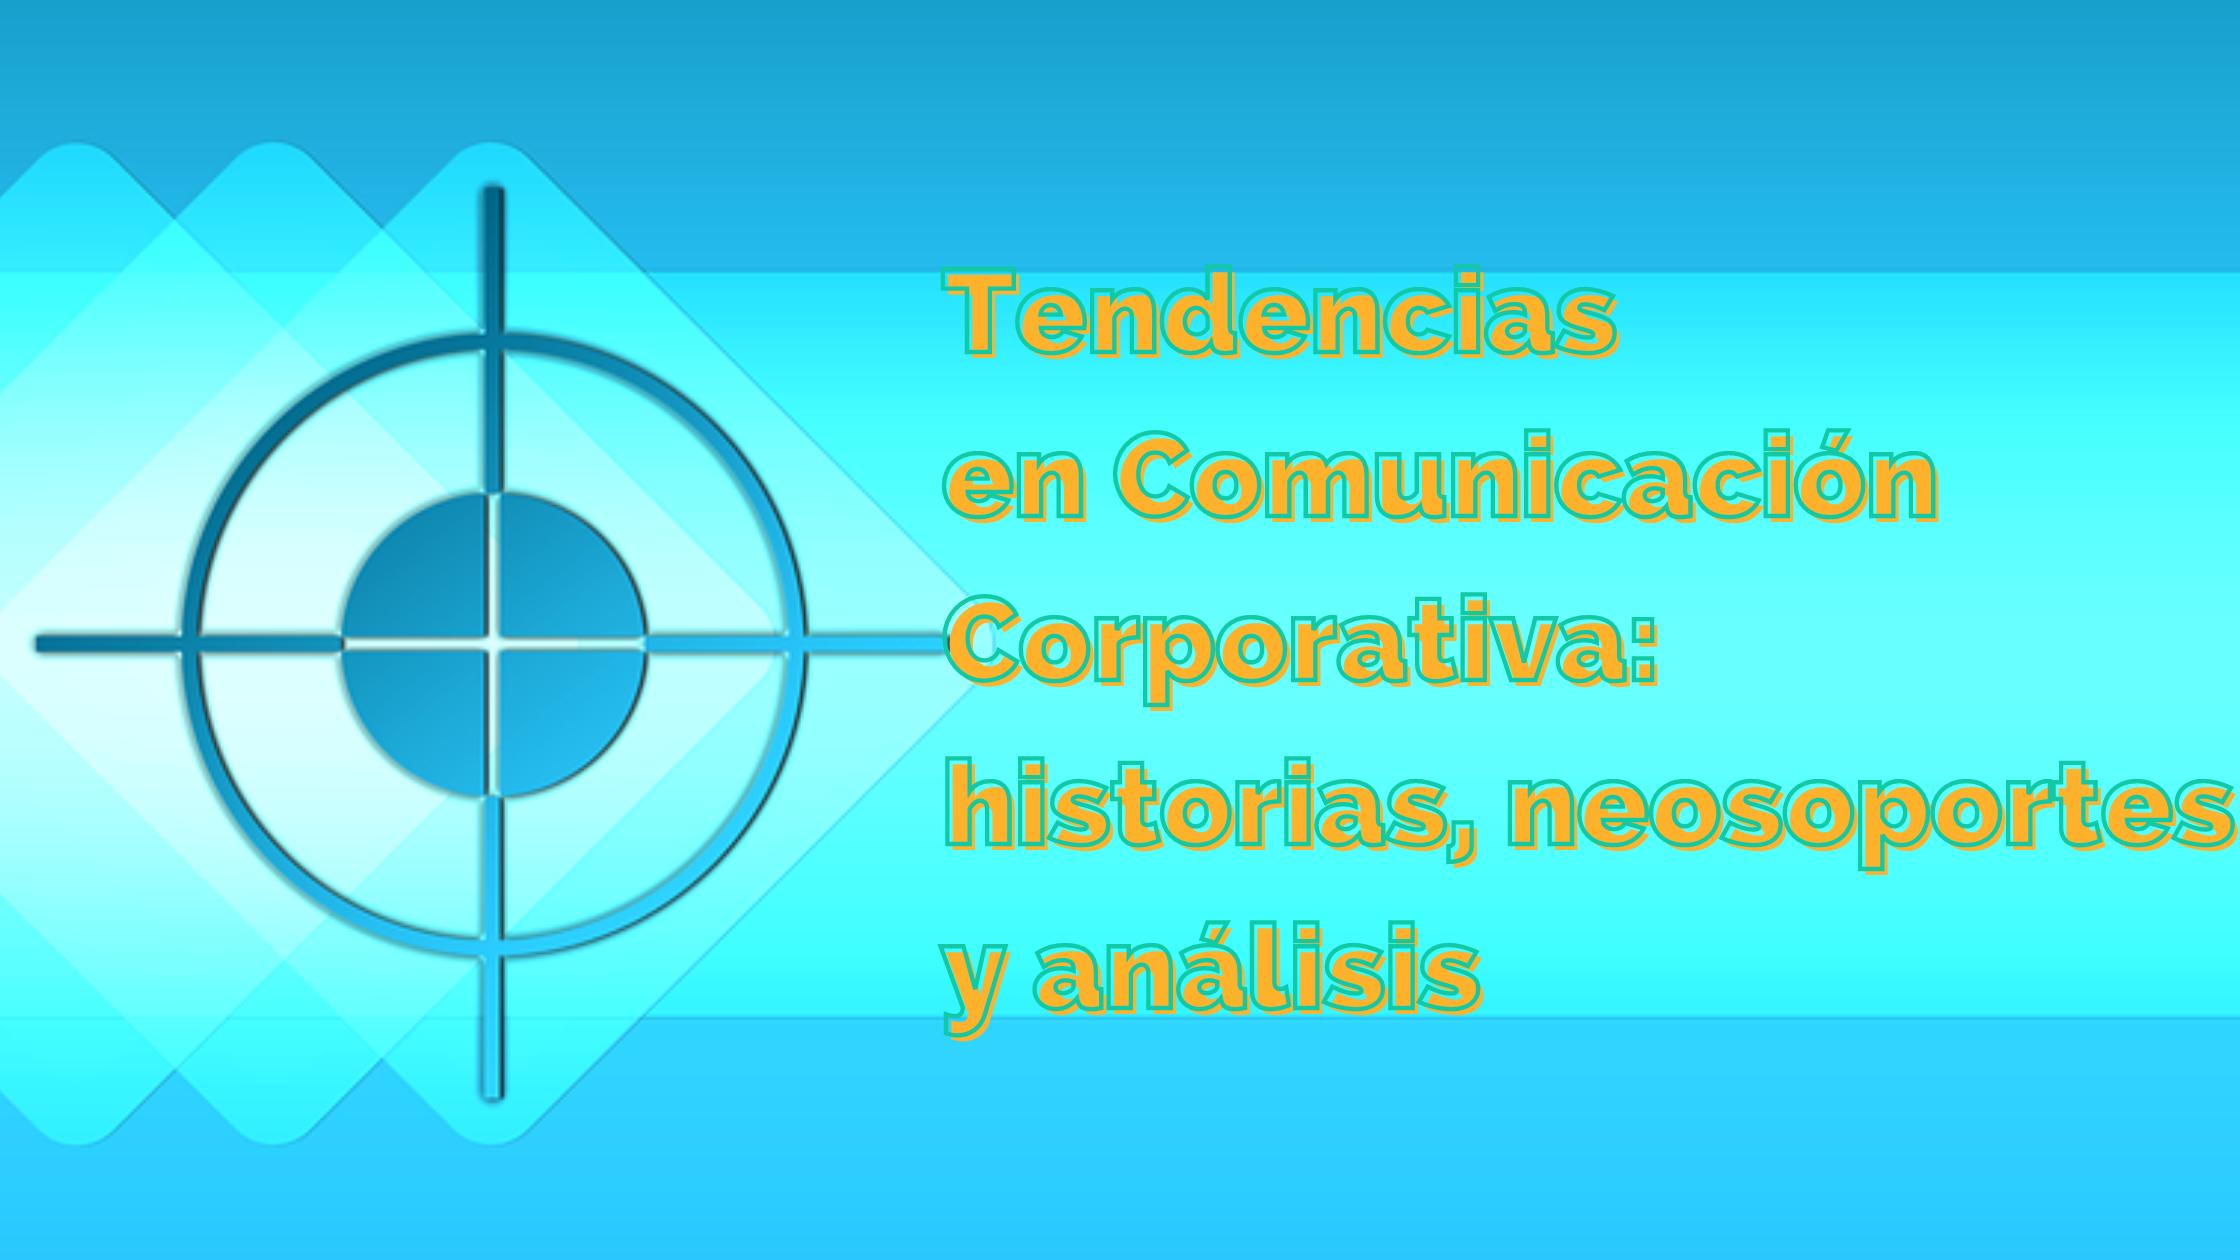 Tendencias en Comunicación Corporativa parte 2